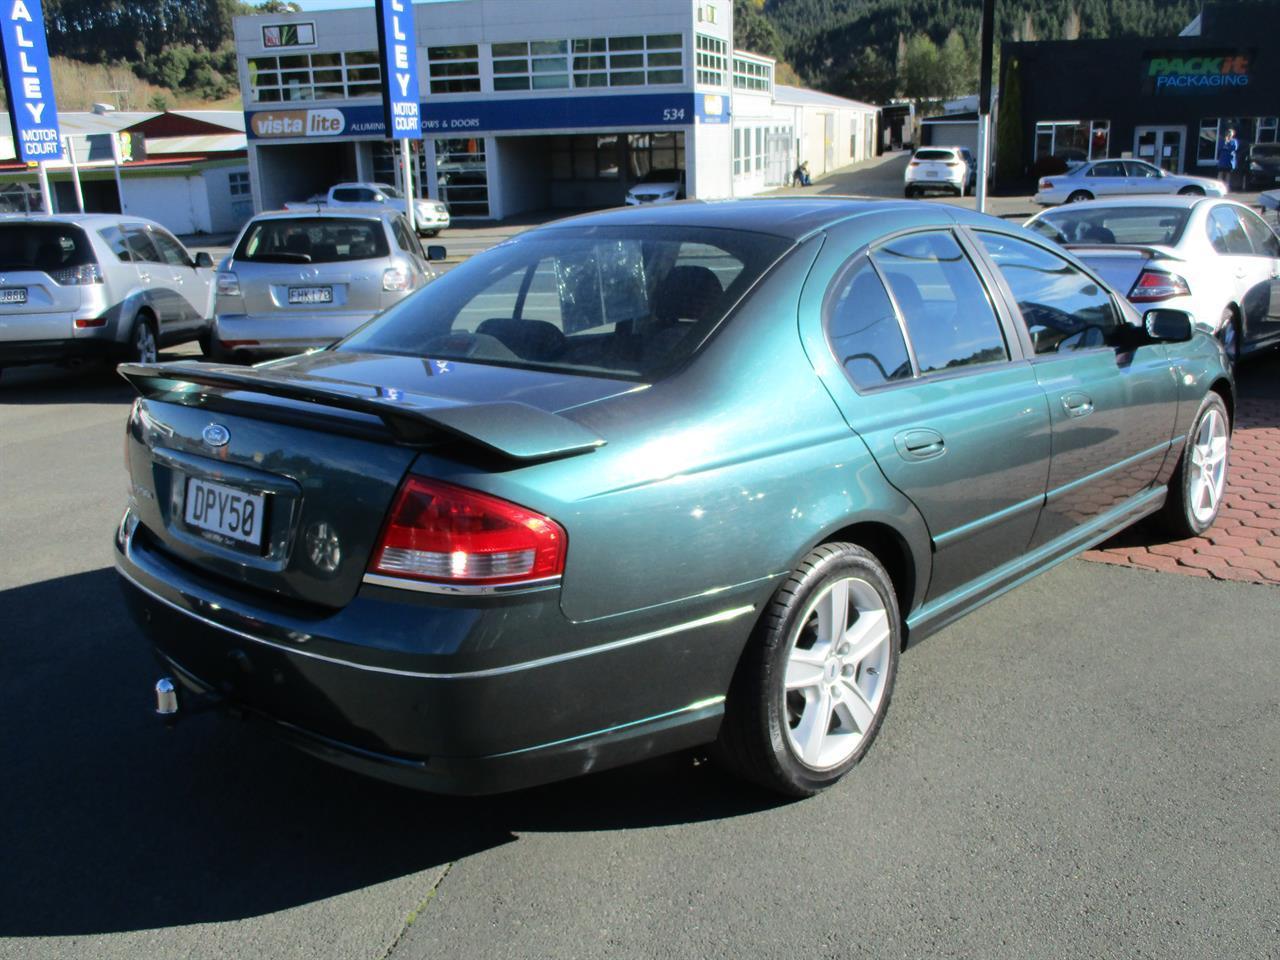 image-4, 2006 Ford Falcon BF FUTURA 4FA at Dunedin